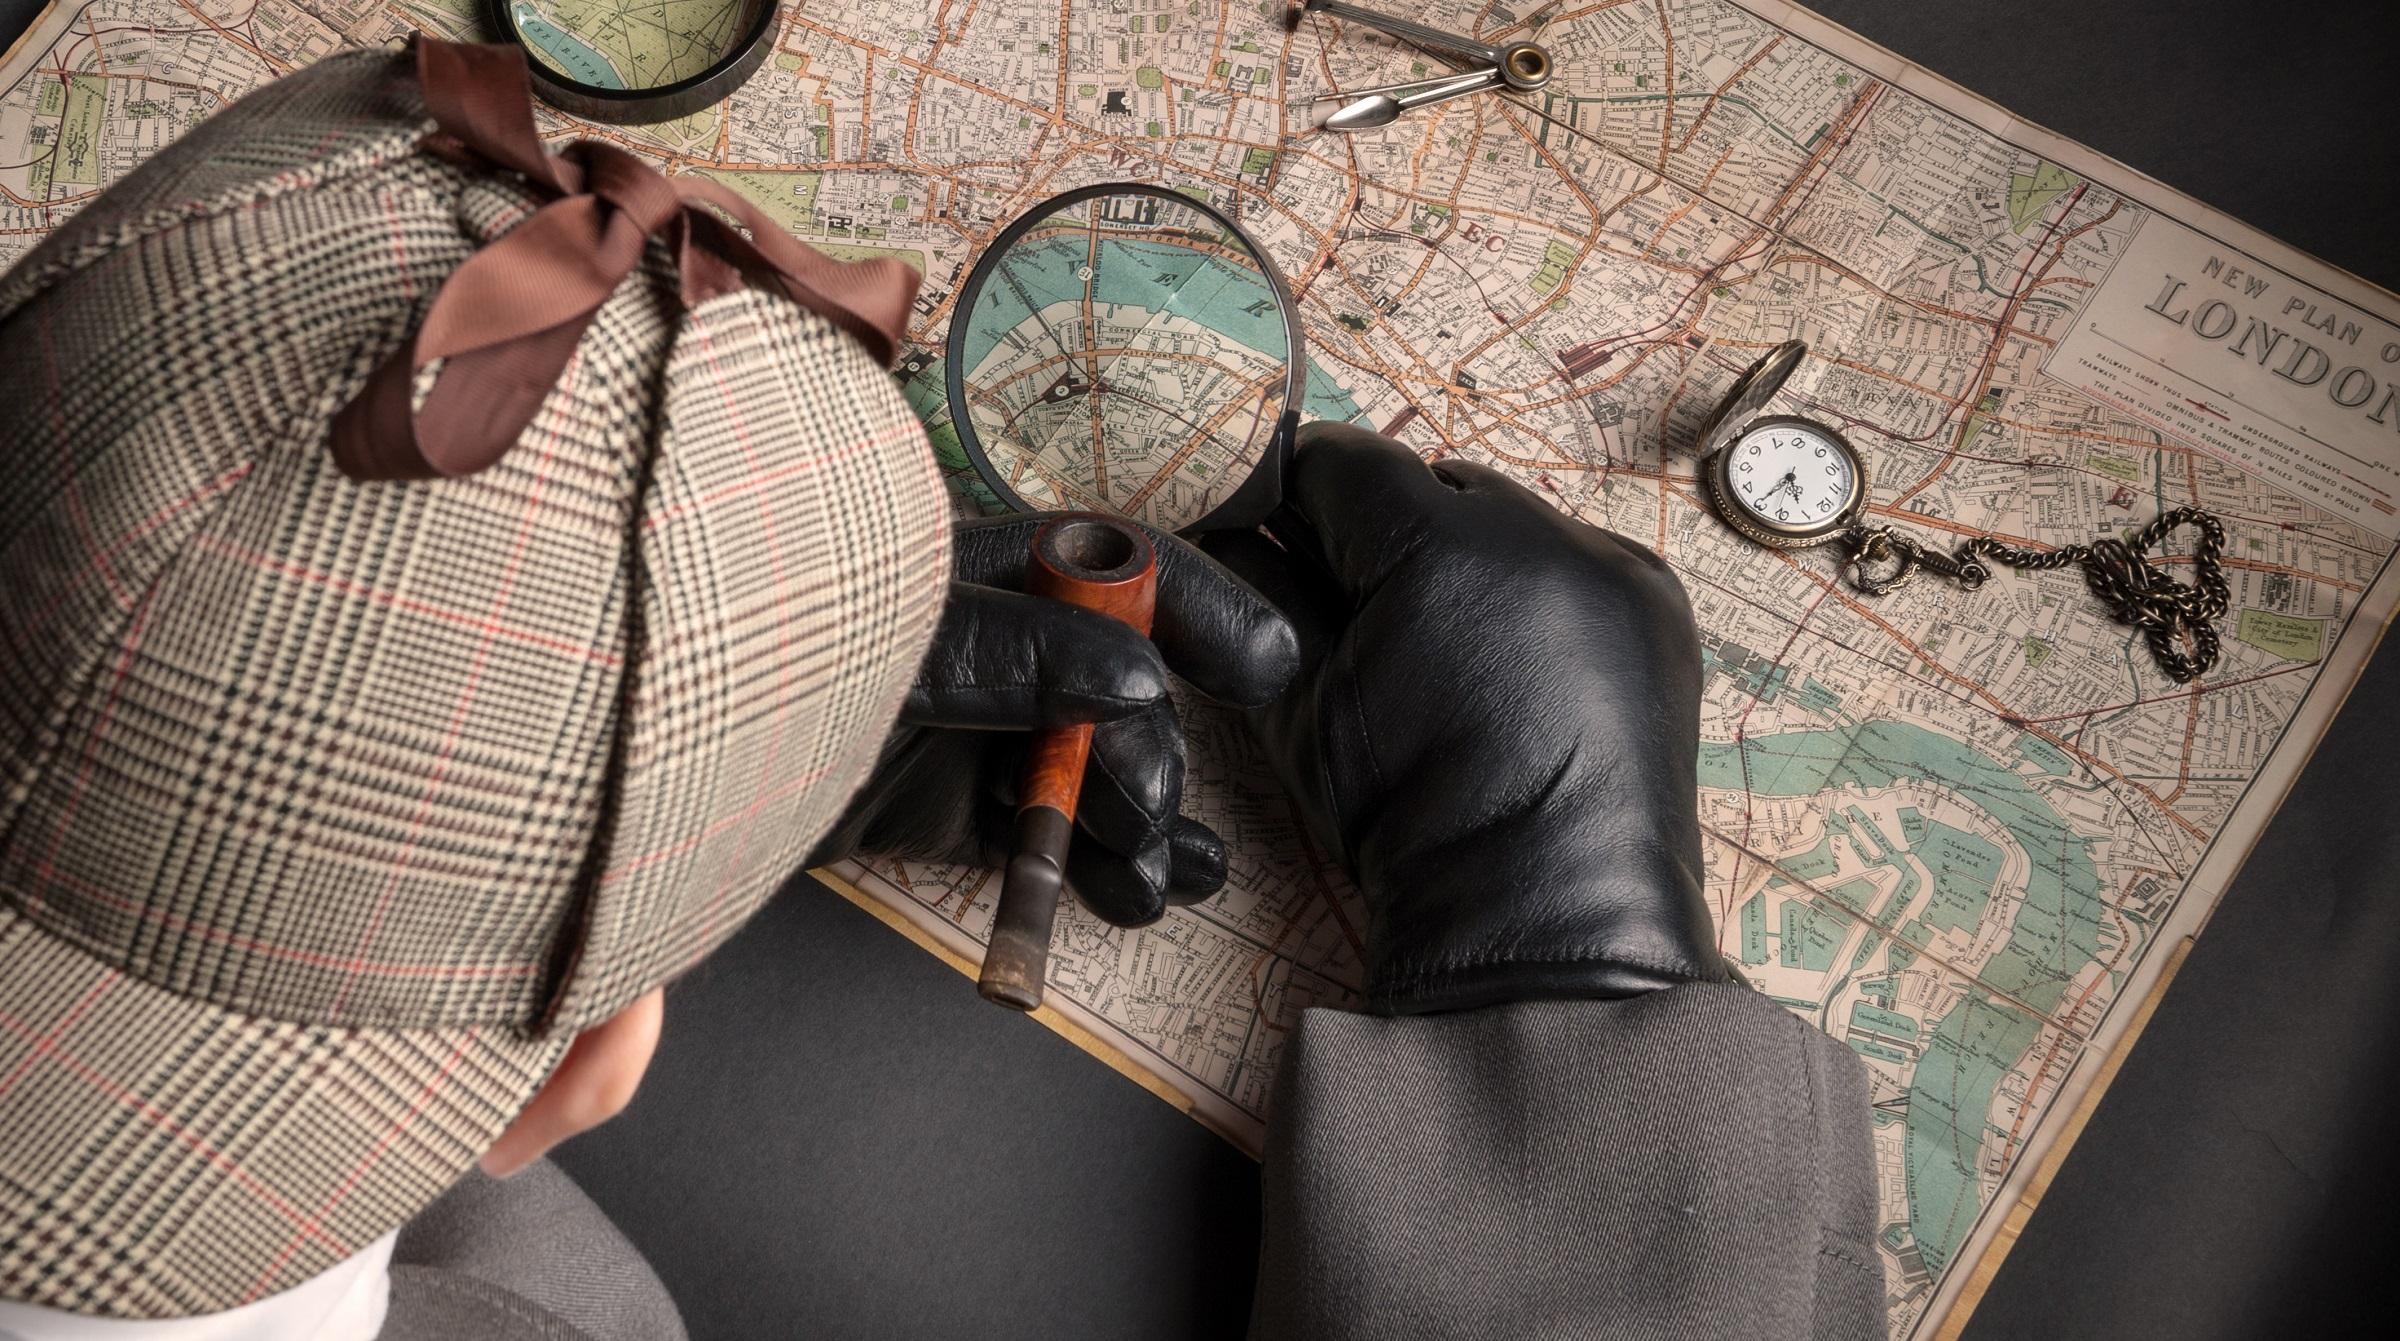 Sherlock Holmes böjd över karta